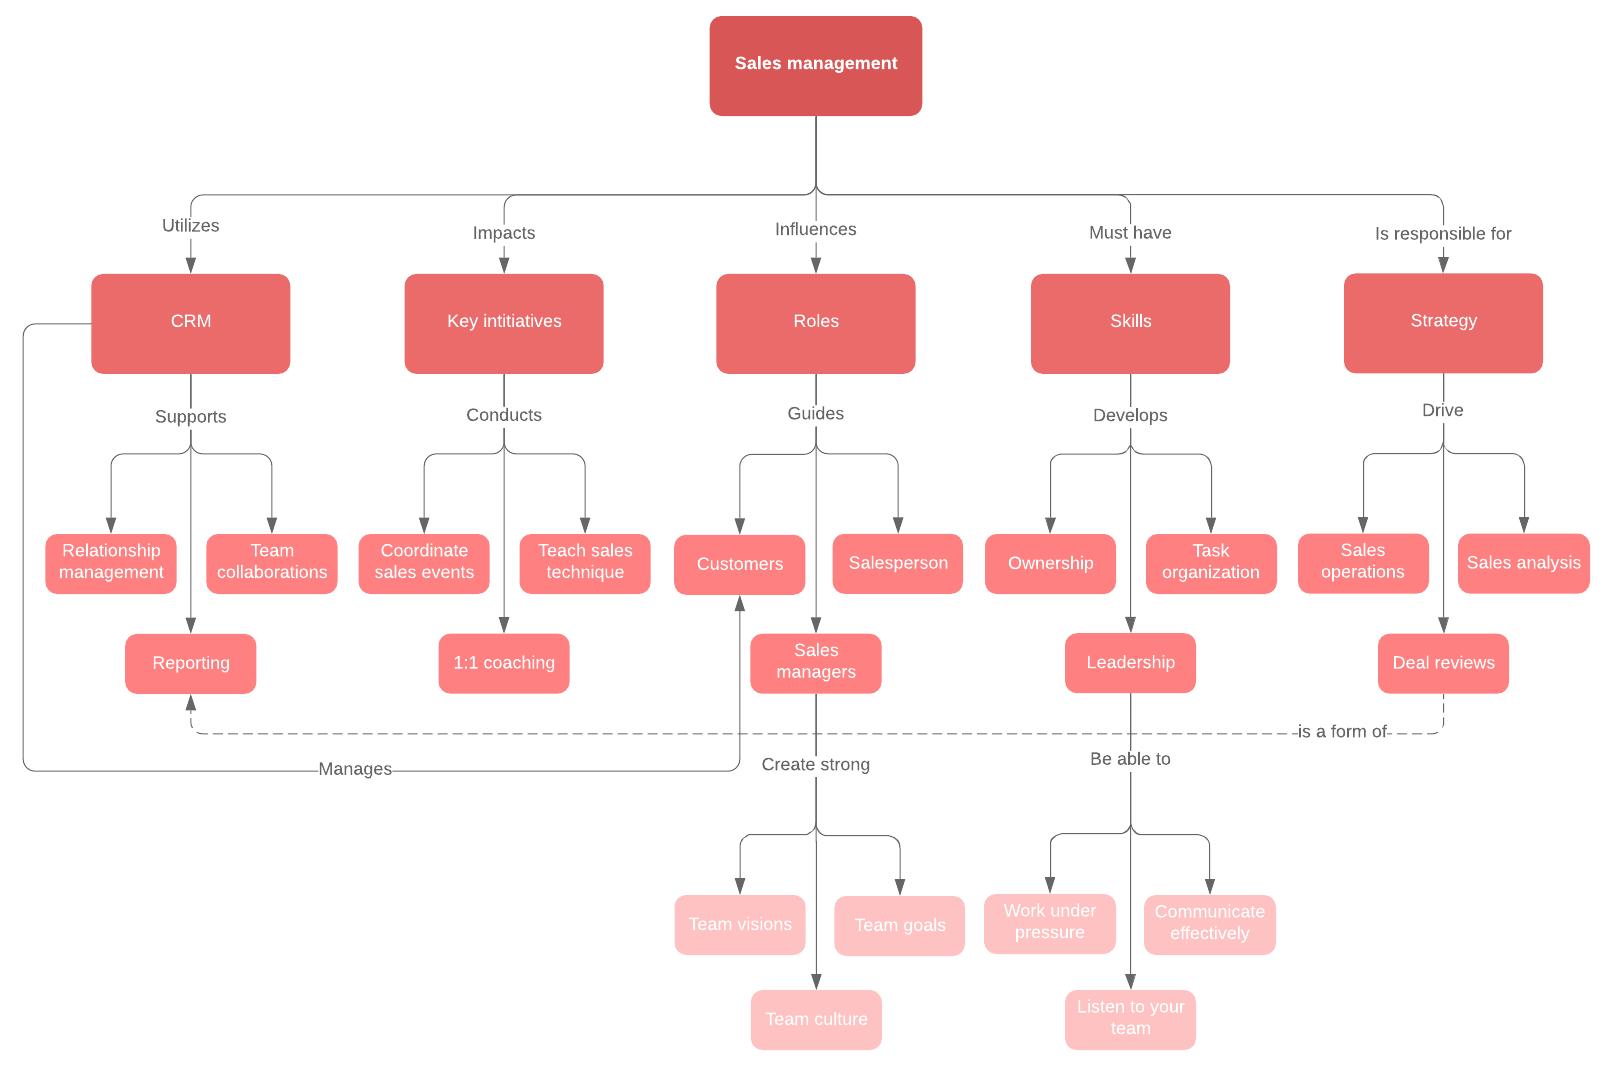 sales management concept map template